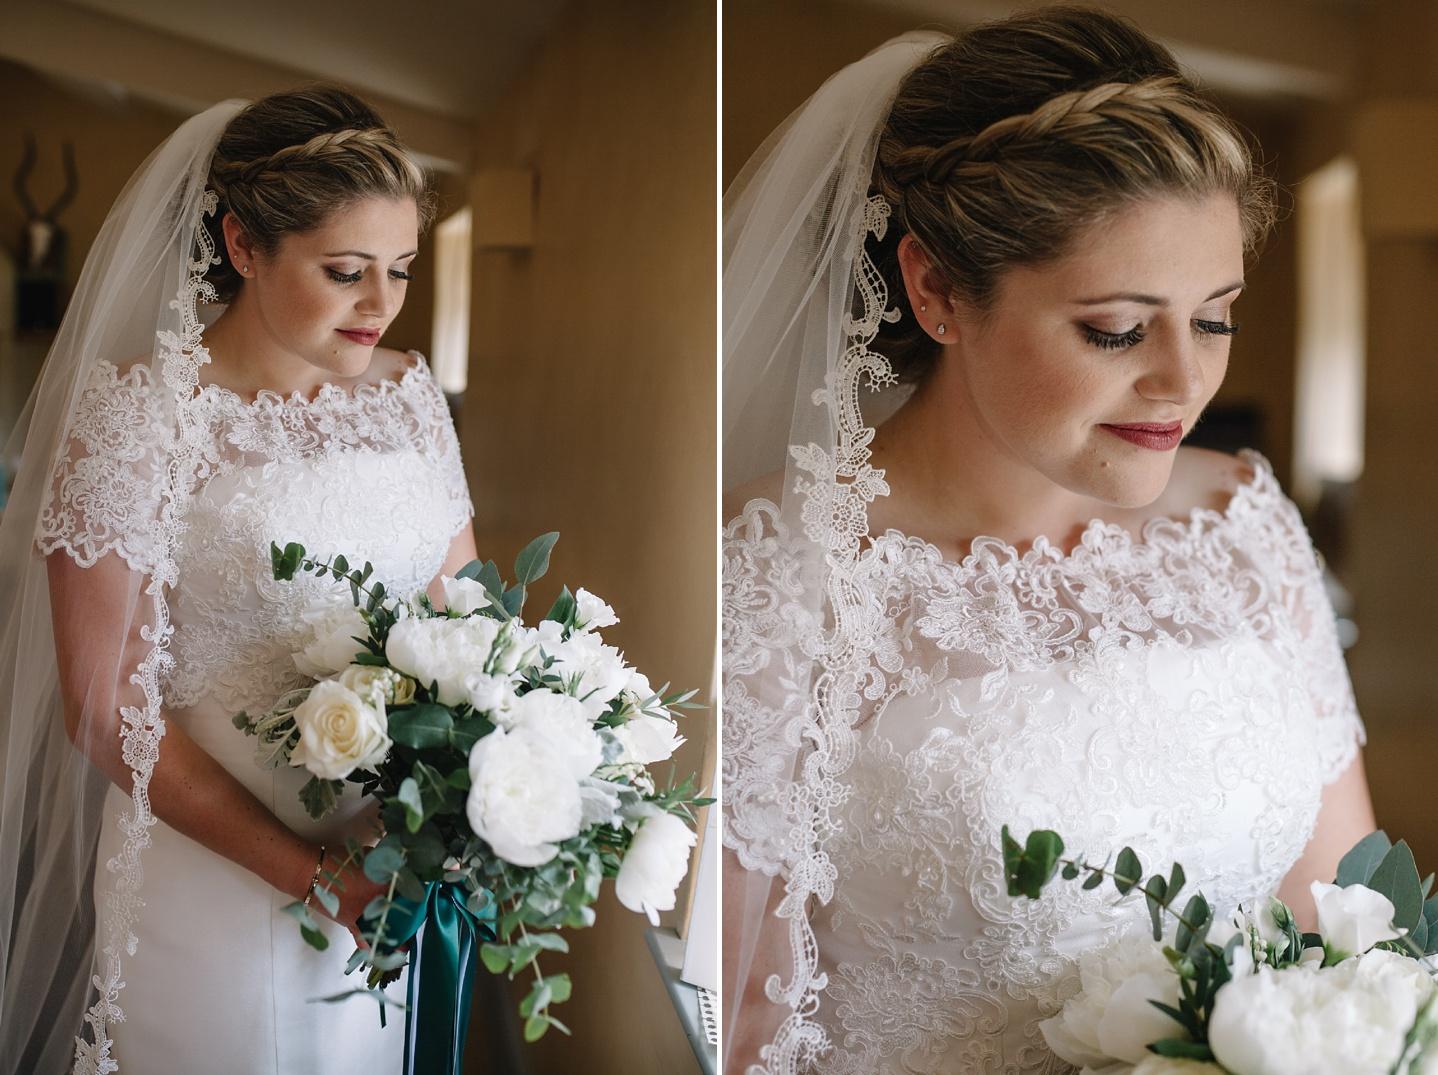 Oxleaze-Barn-Wedding-Photographer_0028.jpg